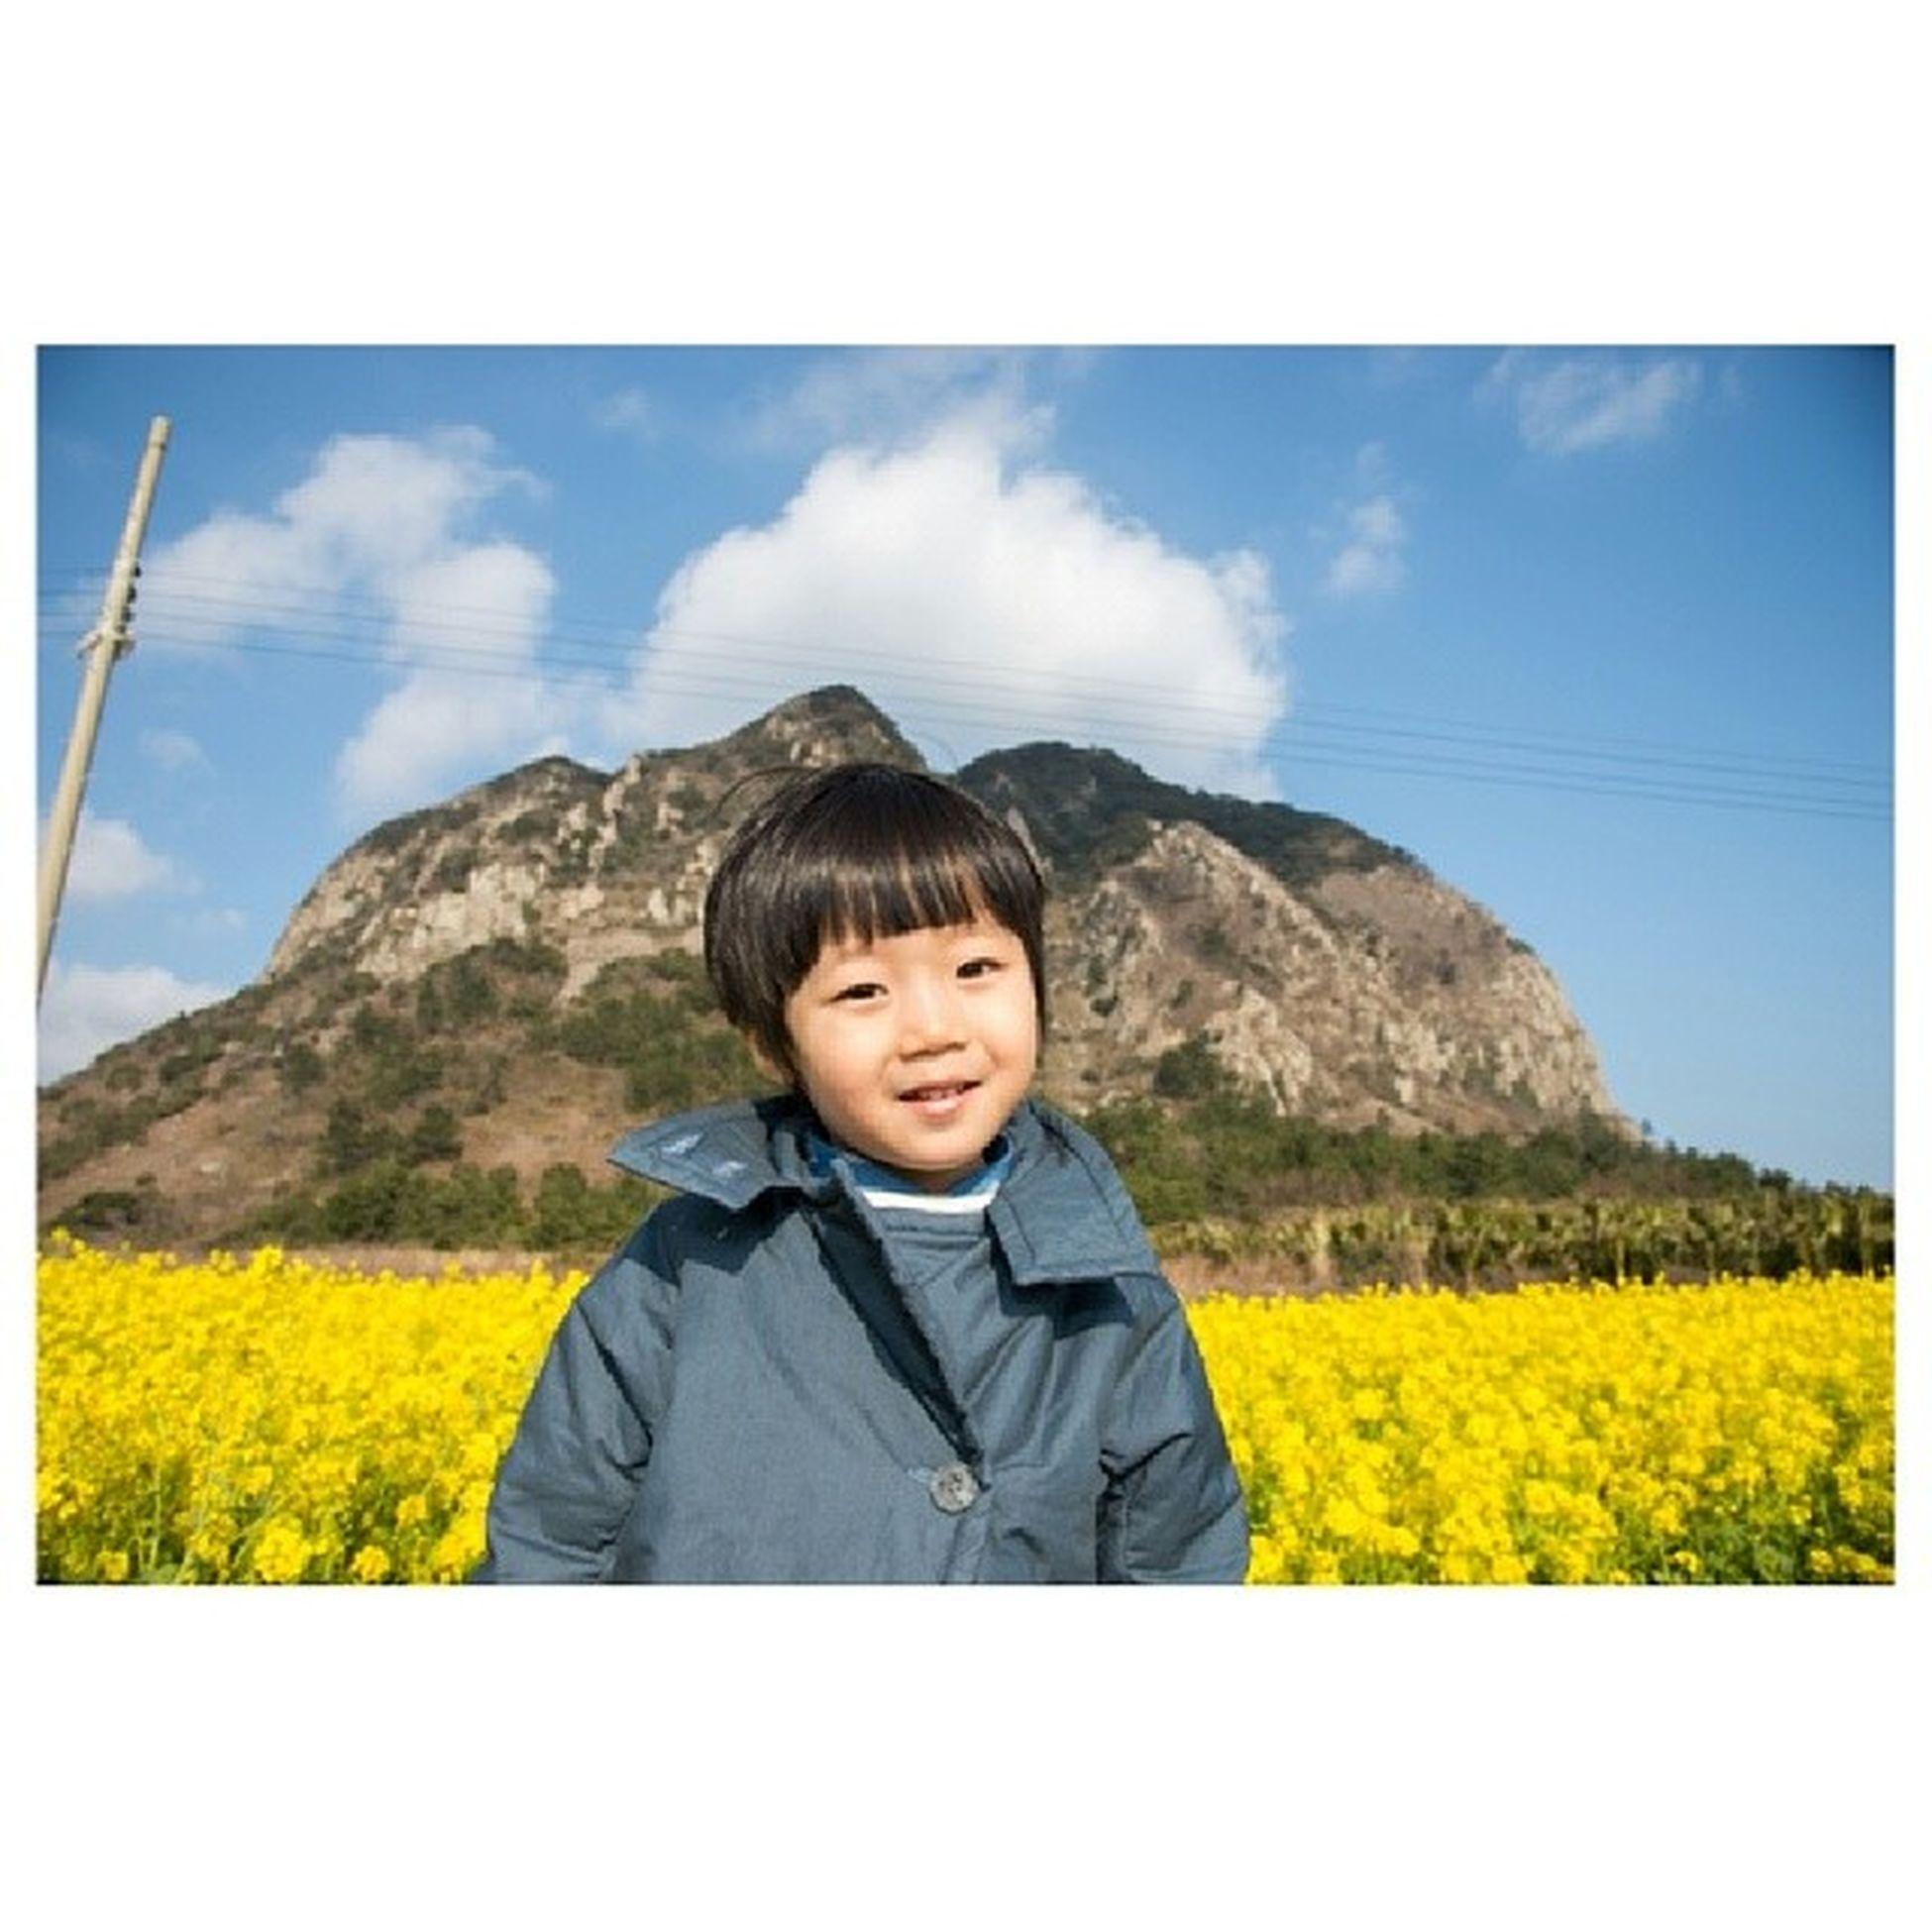 Jeju_korea Jejuisland Jejudo Jeju korea southkorea 제주 제주도 산방산 은호 스넵